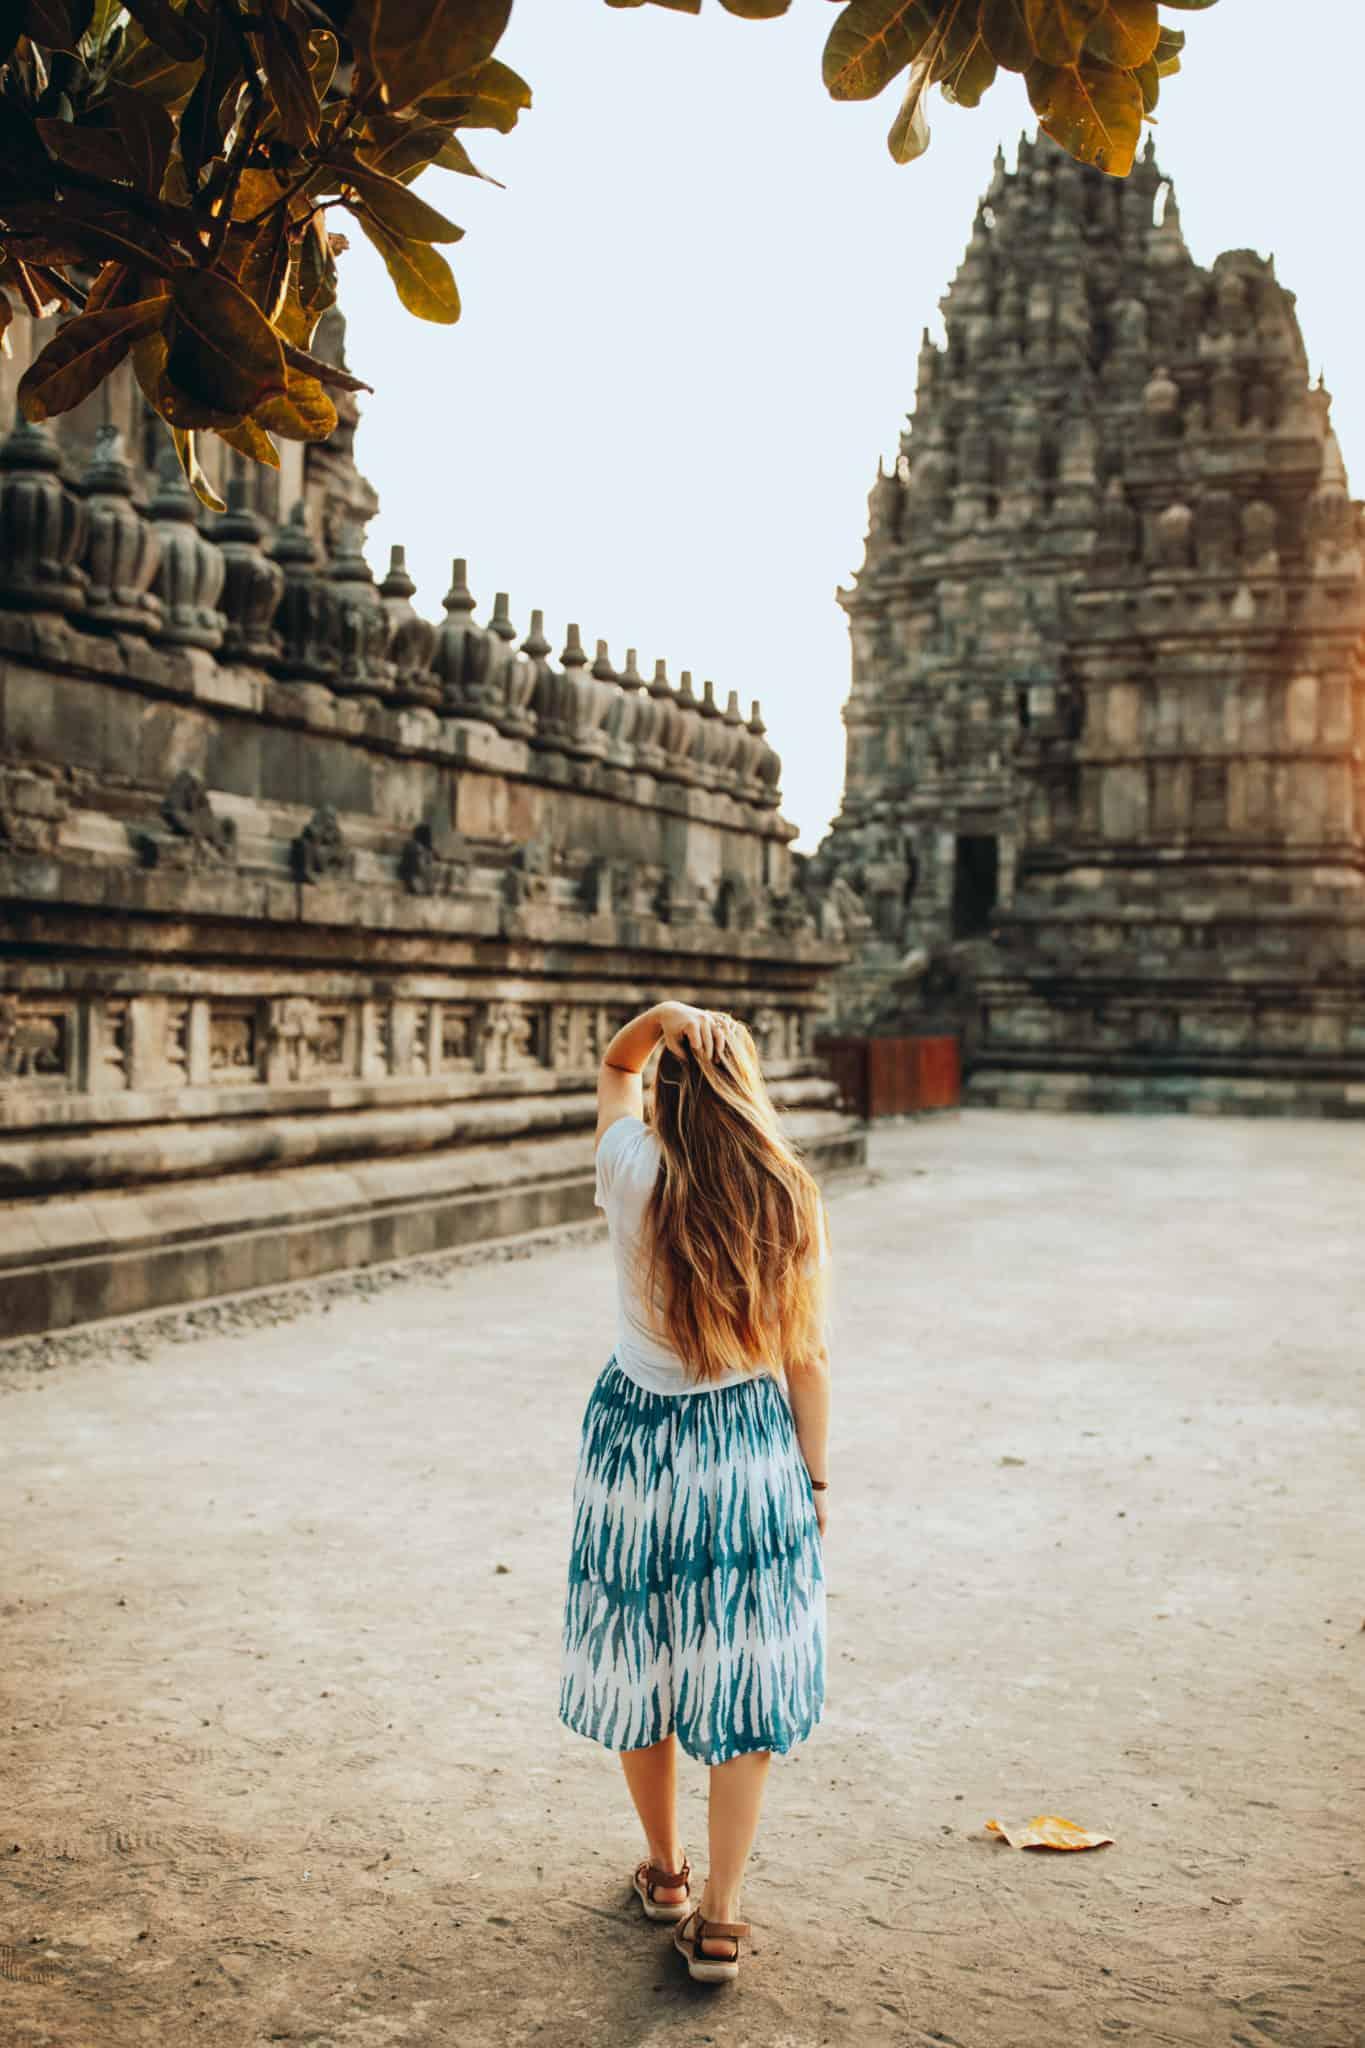 Emily walking at Prambanan Temple complex